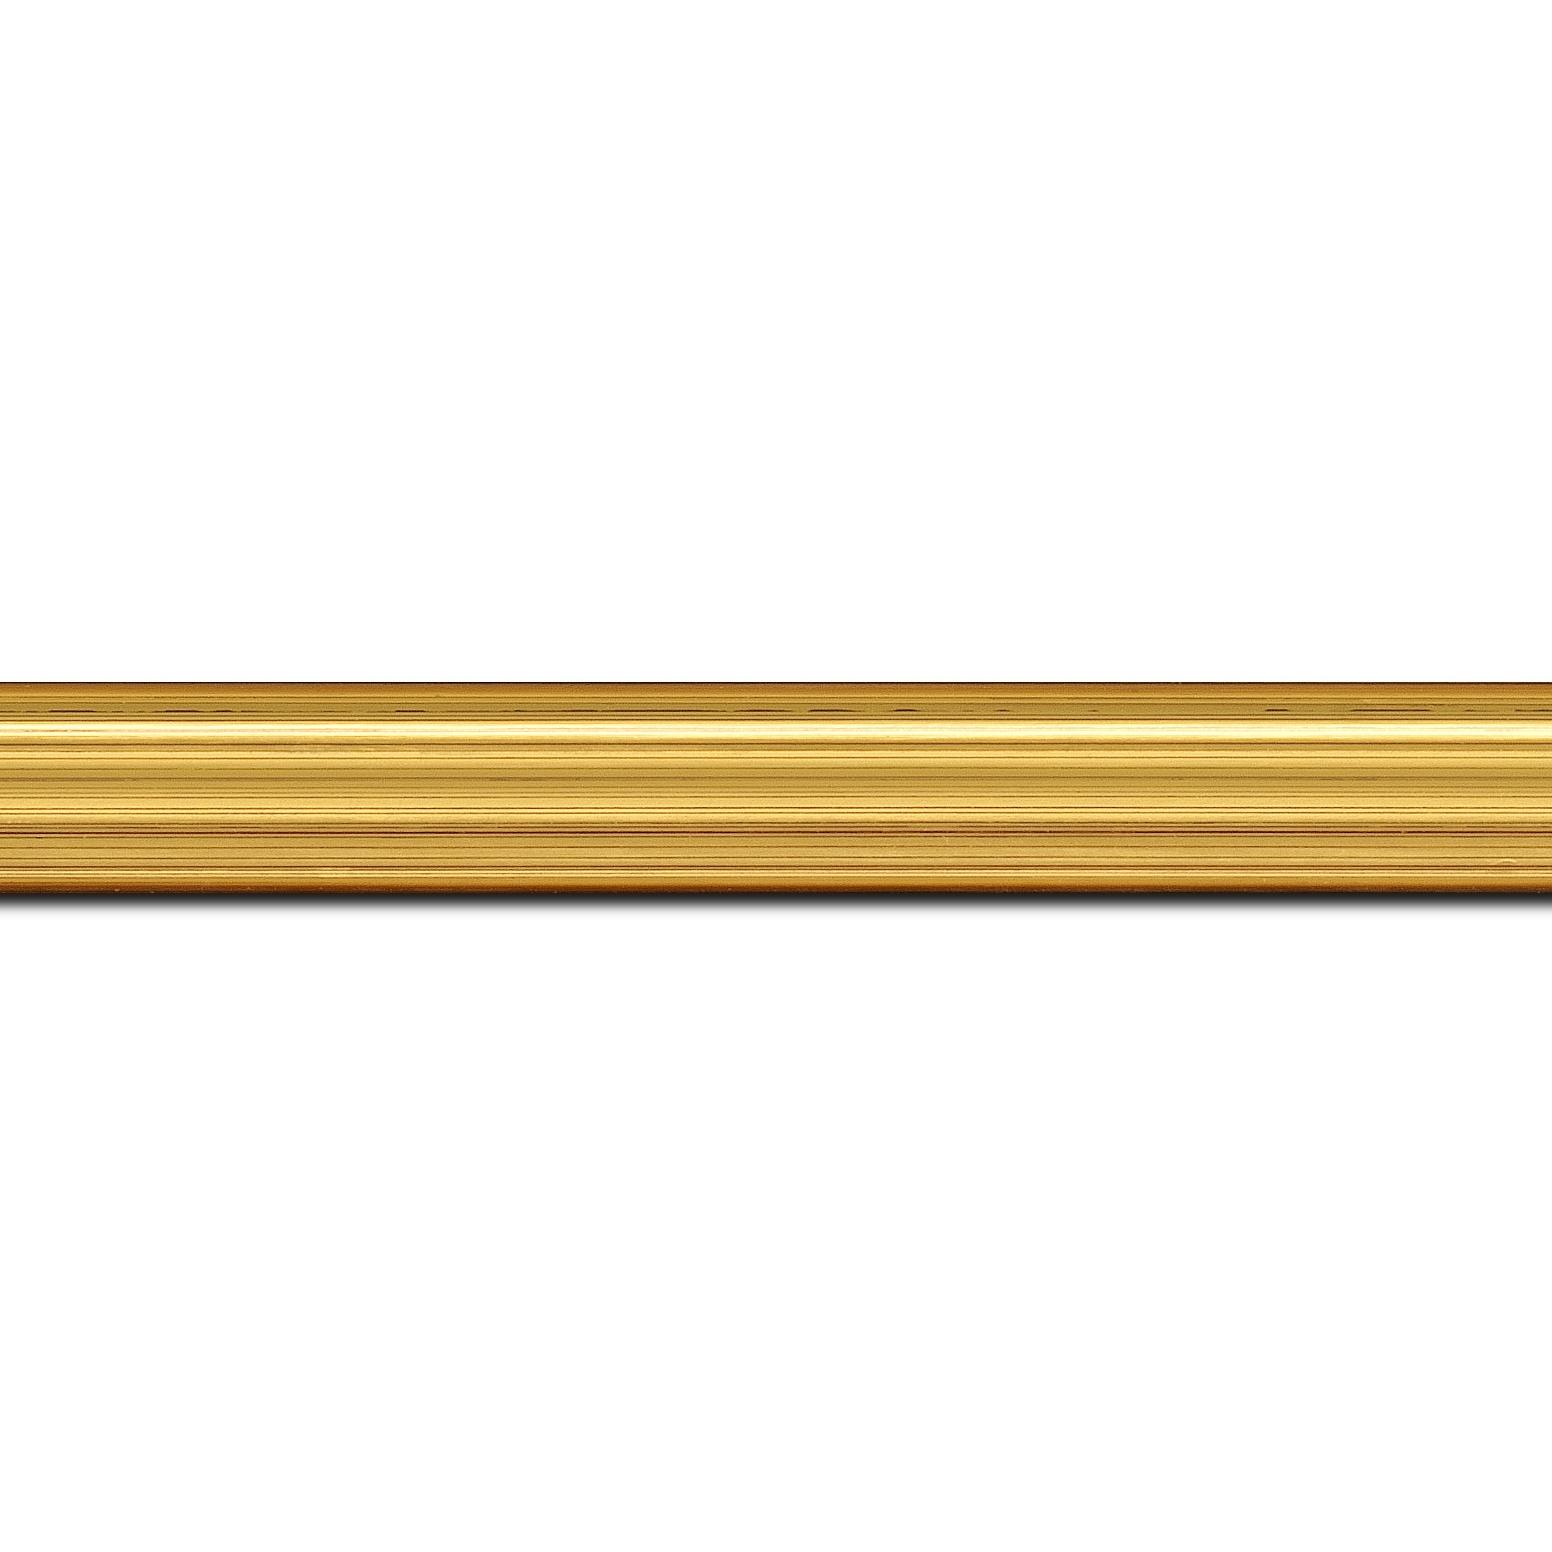 Pack par 12m, bois profil incuvé largeur 2.1cm or satiné (longueur baguette pouvant varier entre 2.40m et 3m selon arrivage des bois)